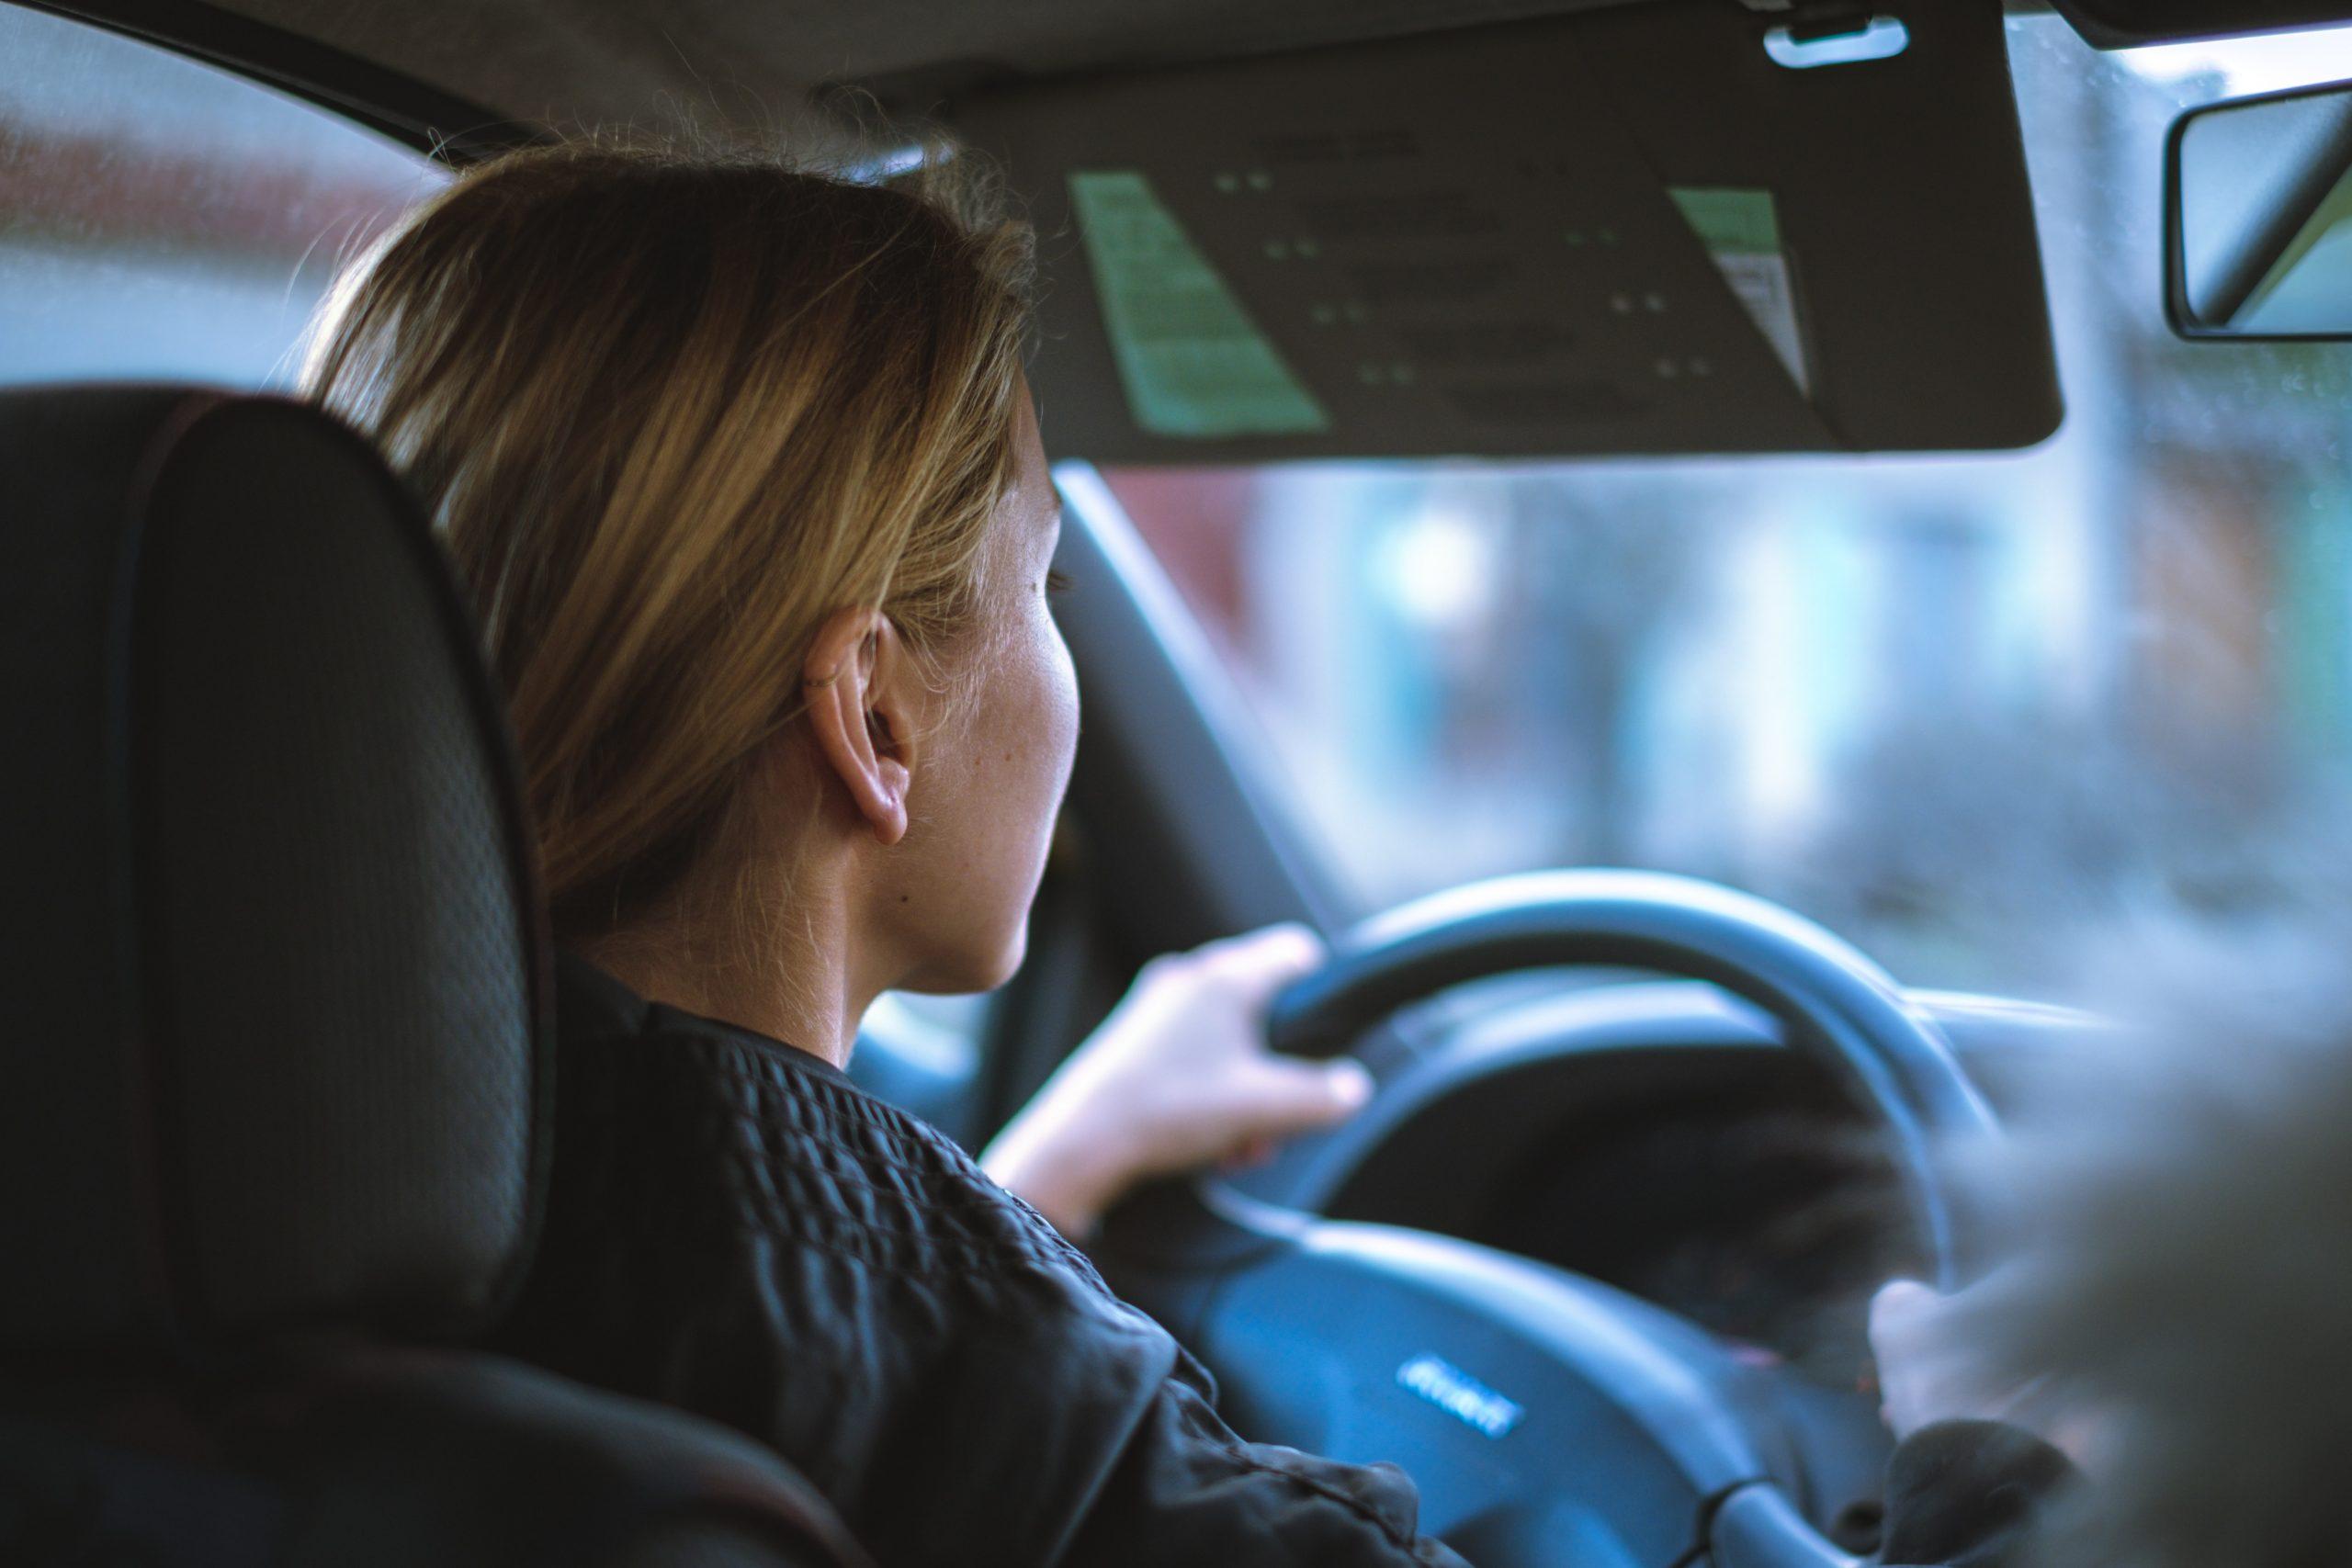 Femme passant le permis voiture